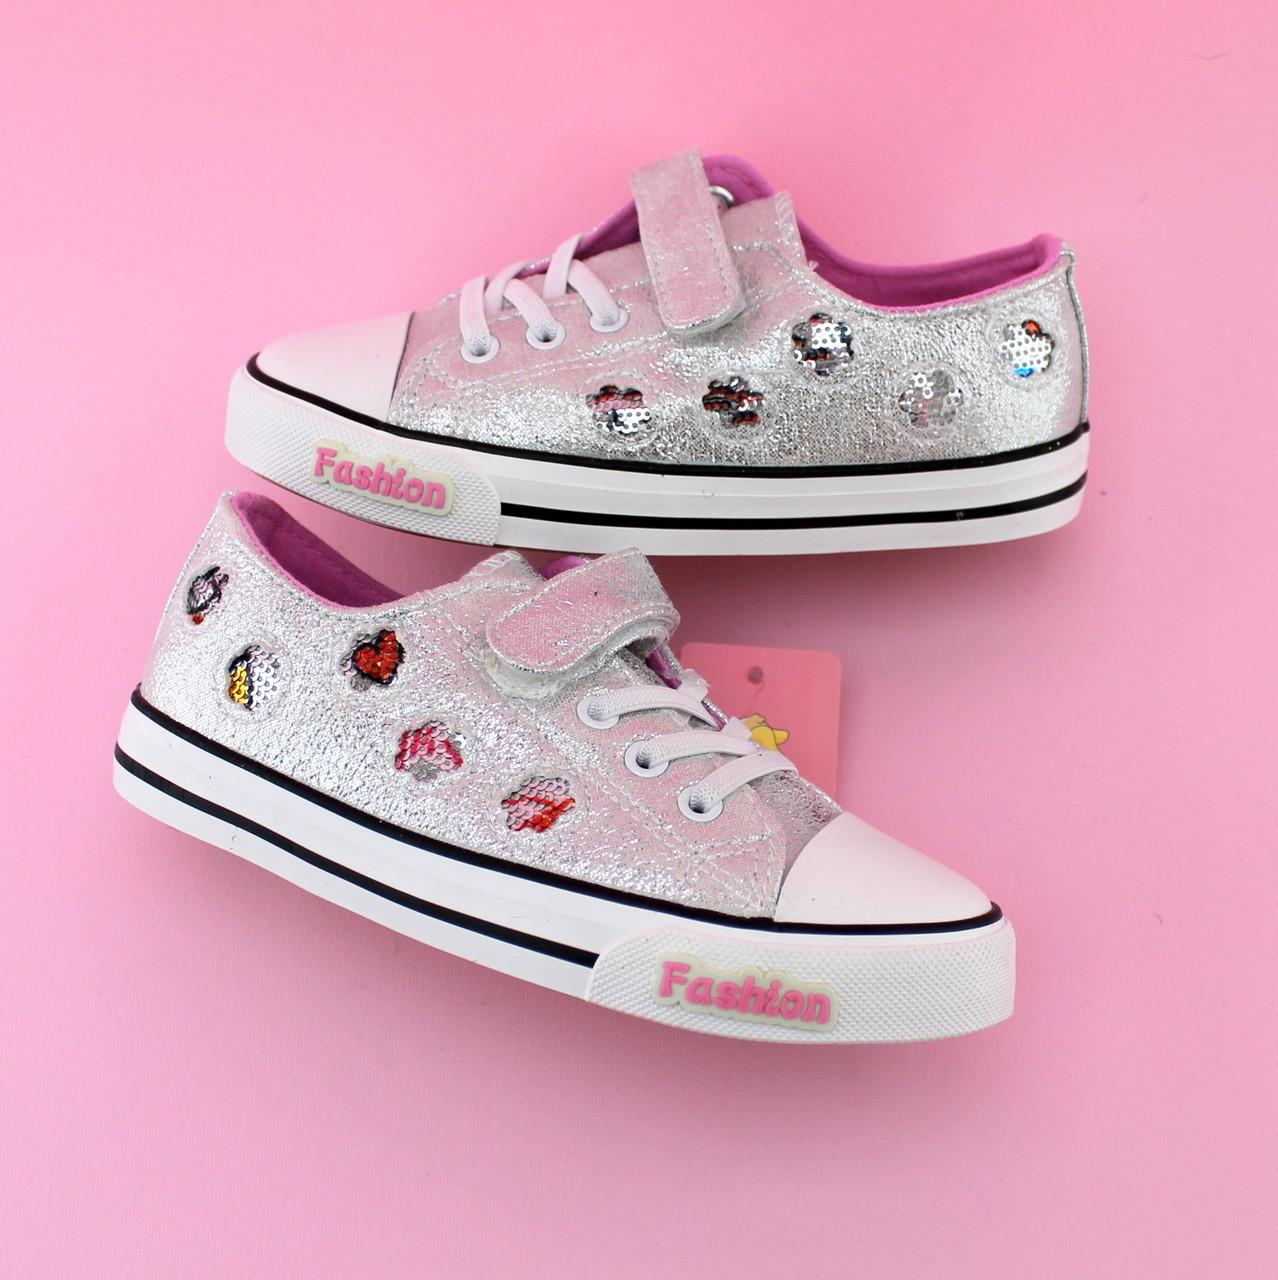 be9a920a8 Детские фирменные кеды девочке тм Том.м размер 36 - BonKids - детский  магазин обуви